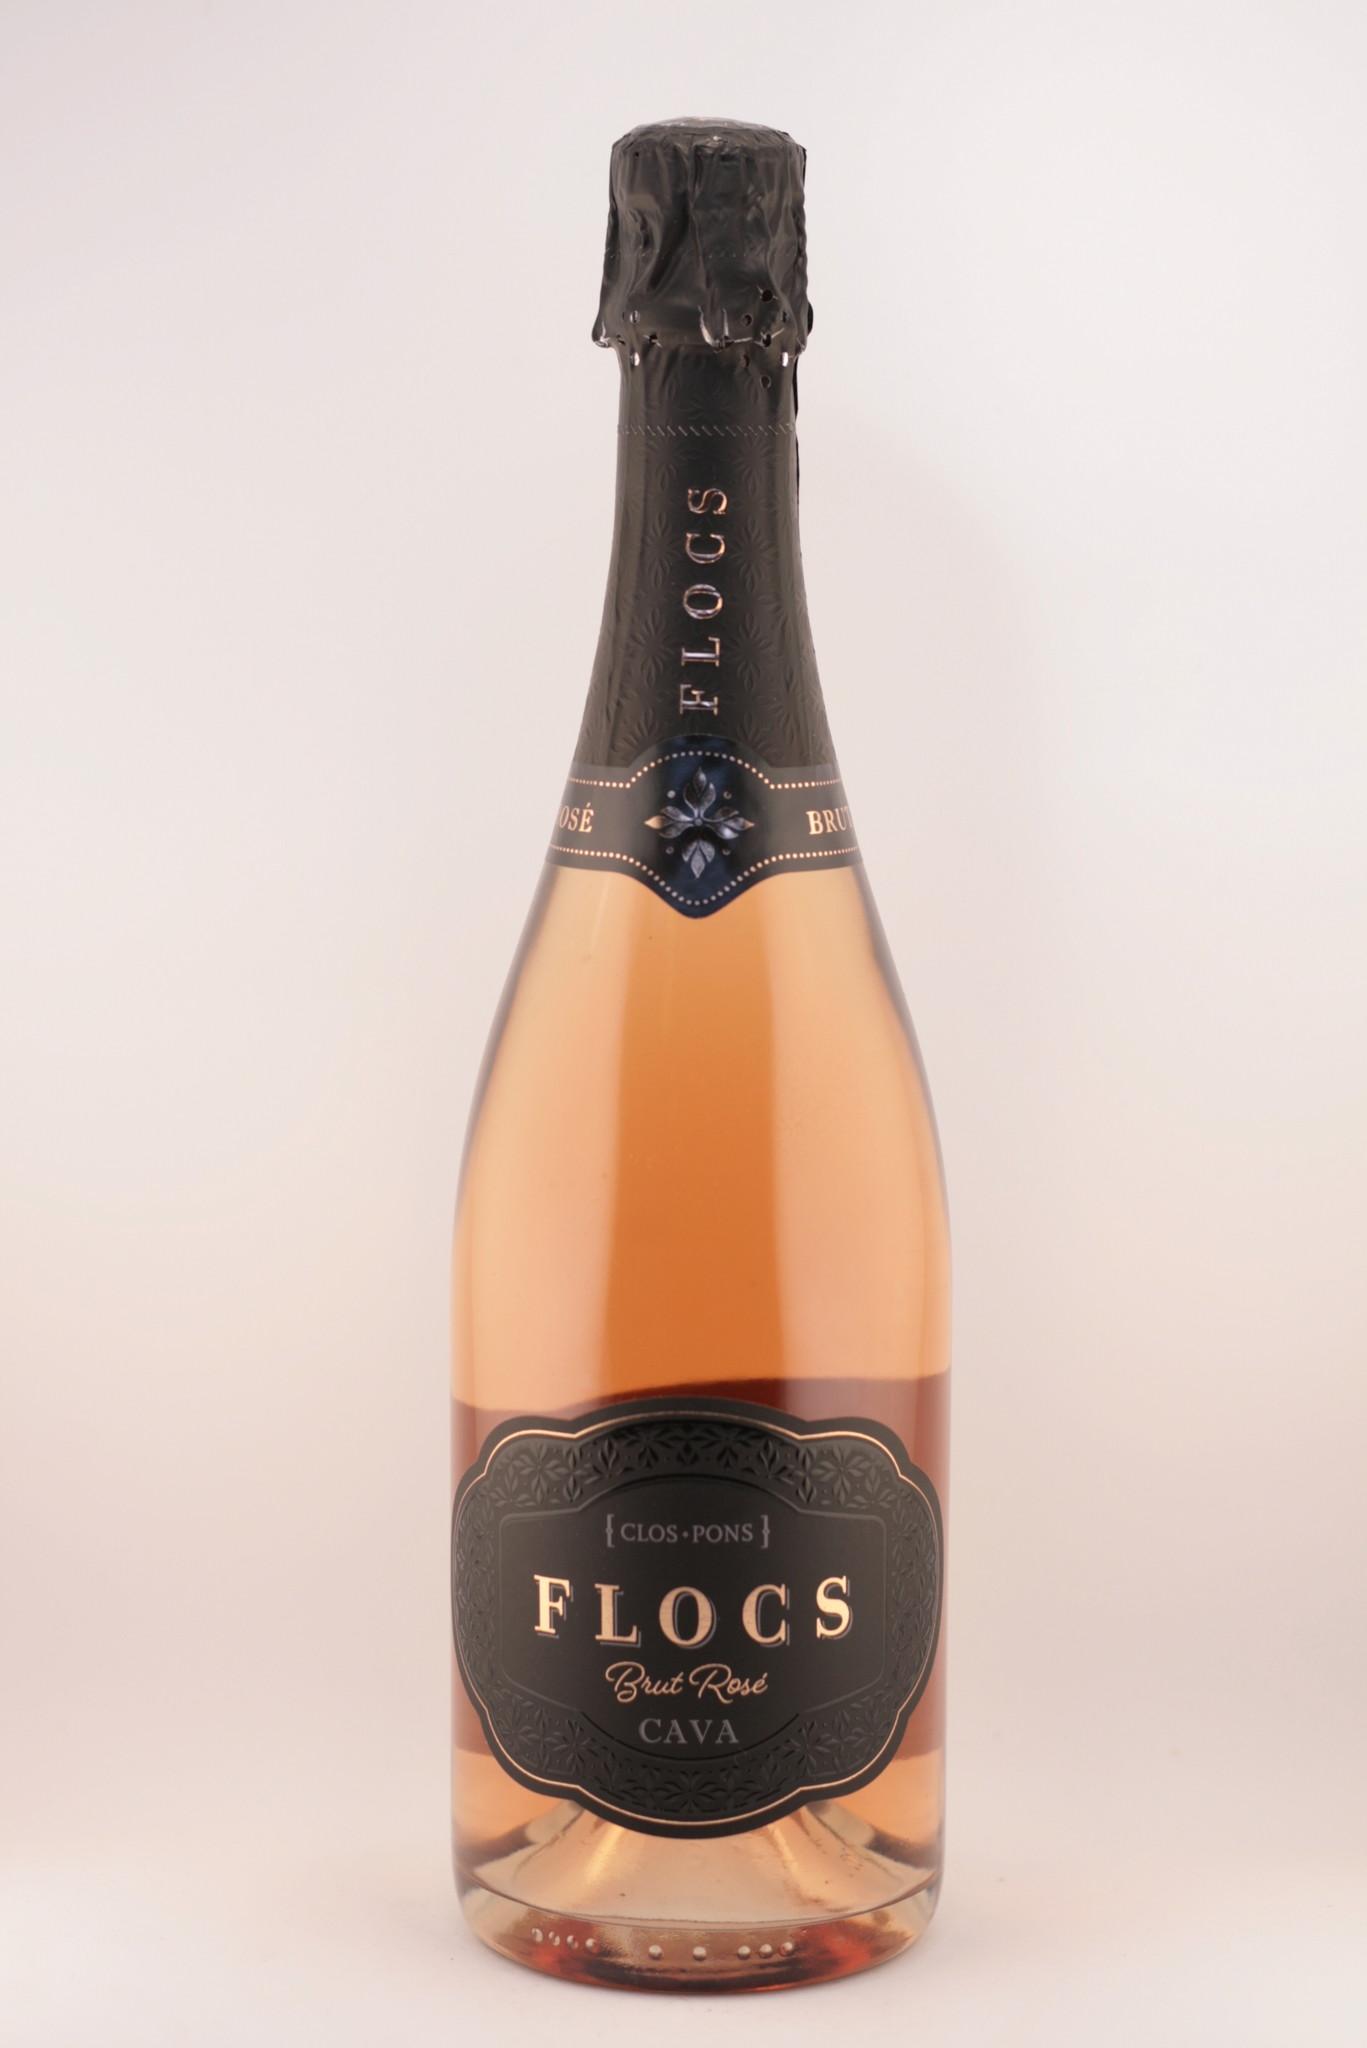 Flocs Rosé  Cava |Pinot Noir | Clos Pons |